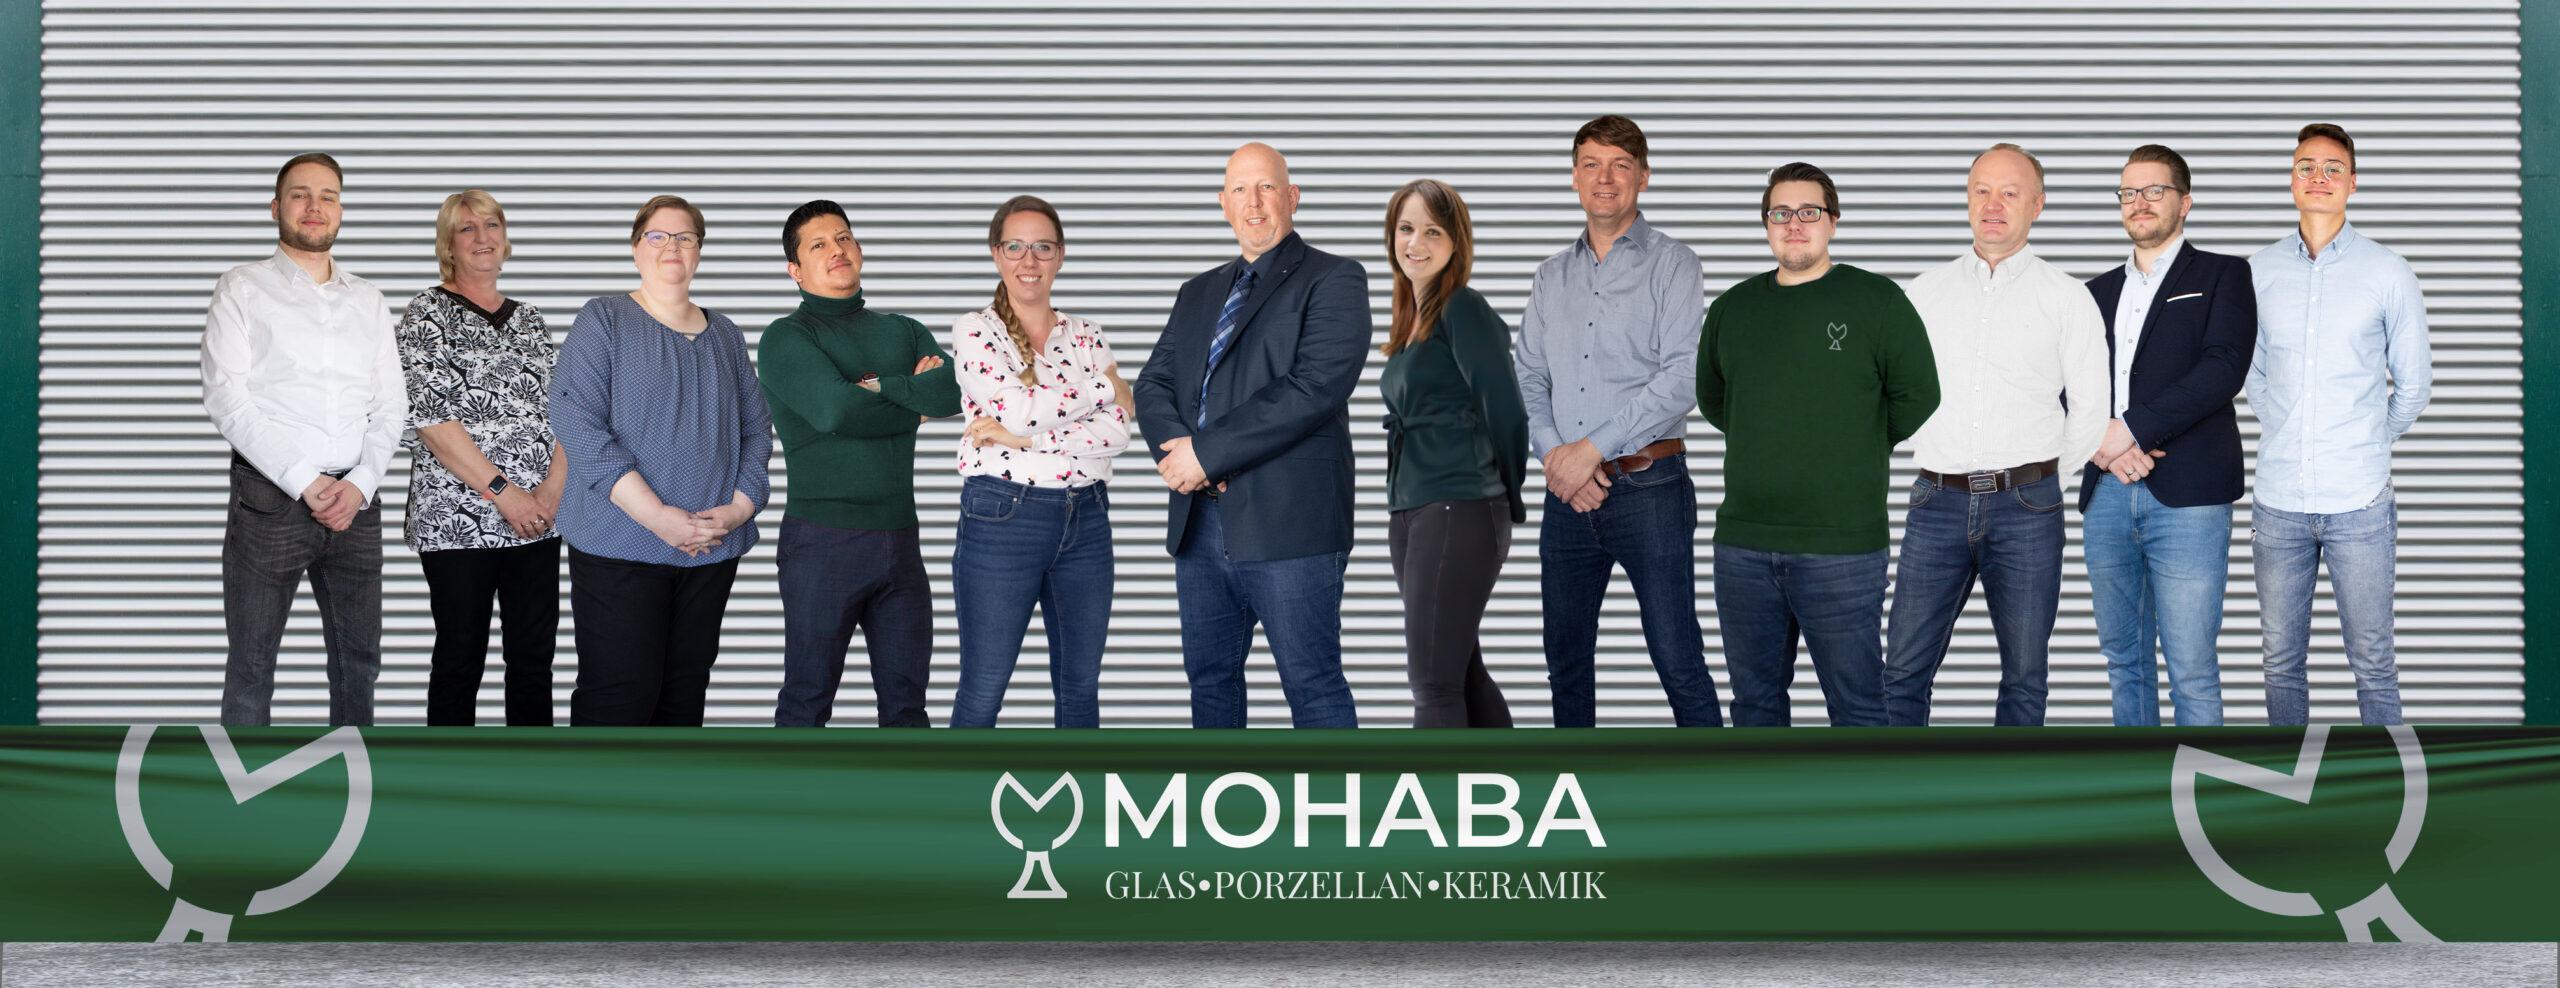 Mohaba, Mohaba Team